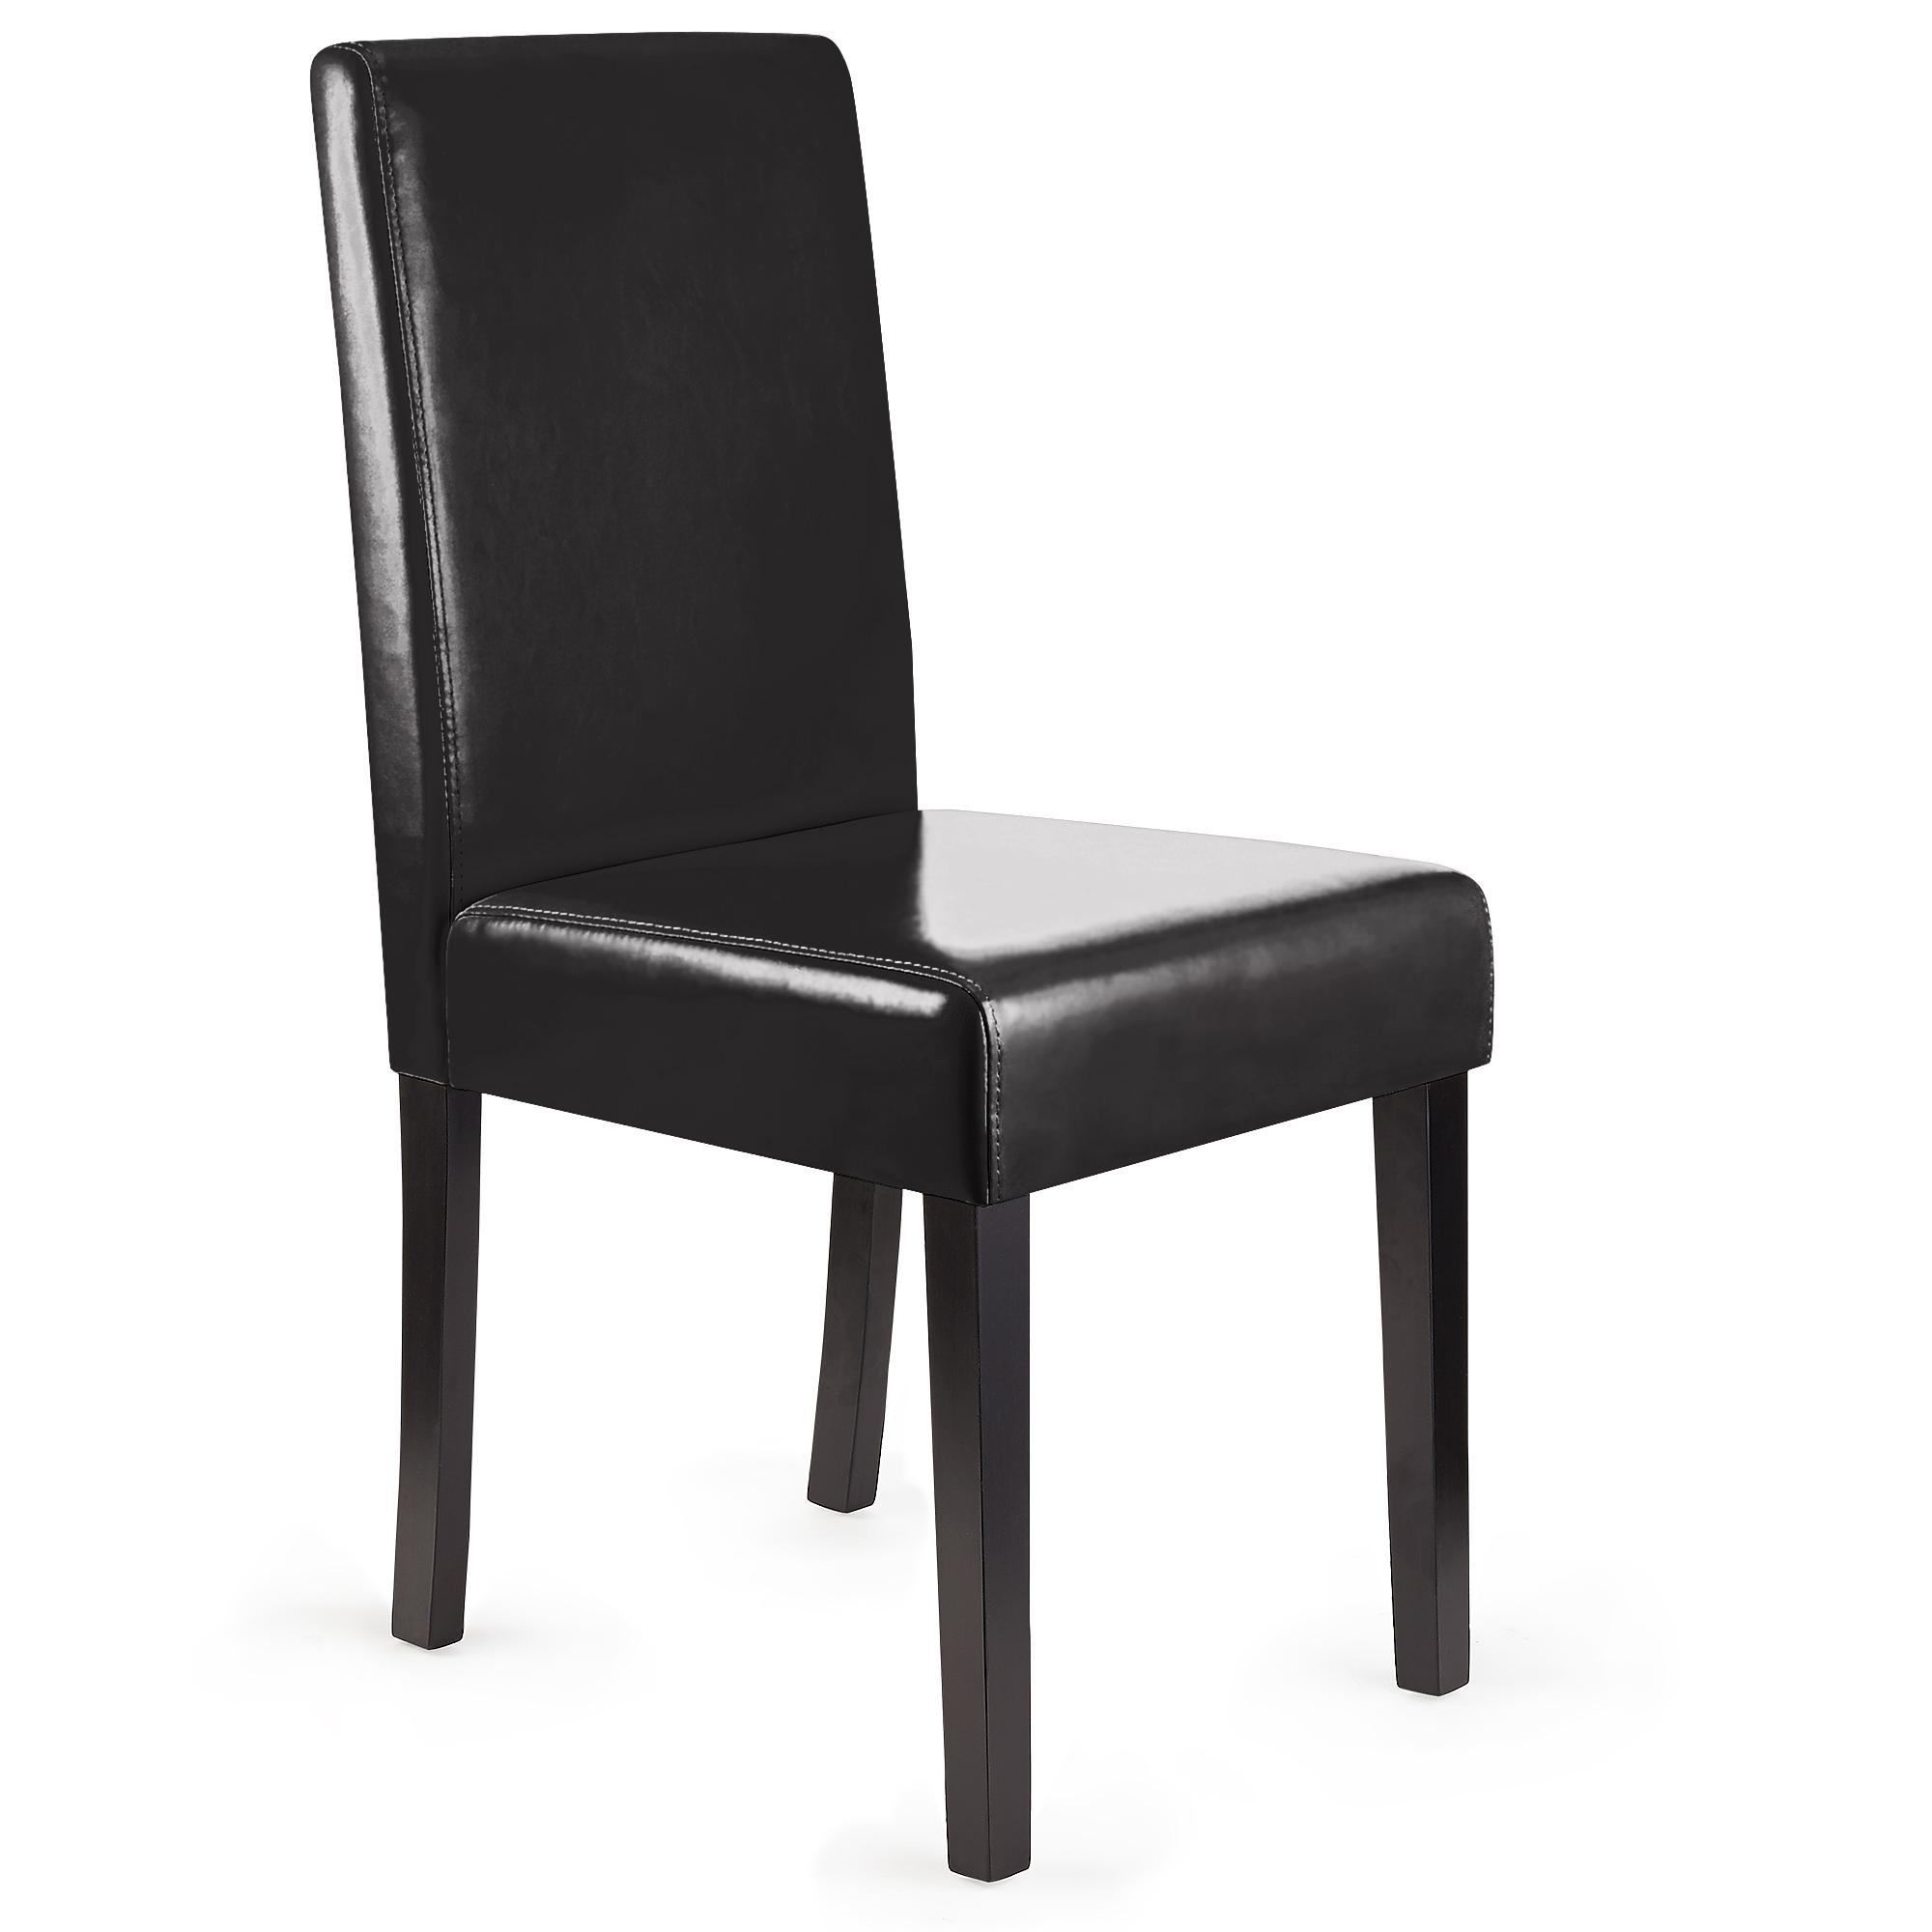 Lote 6 sillas de comedor litau piel natural piel negra y for Sillas de comedor de piel